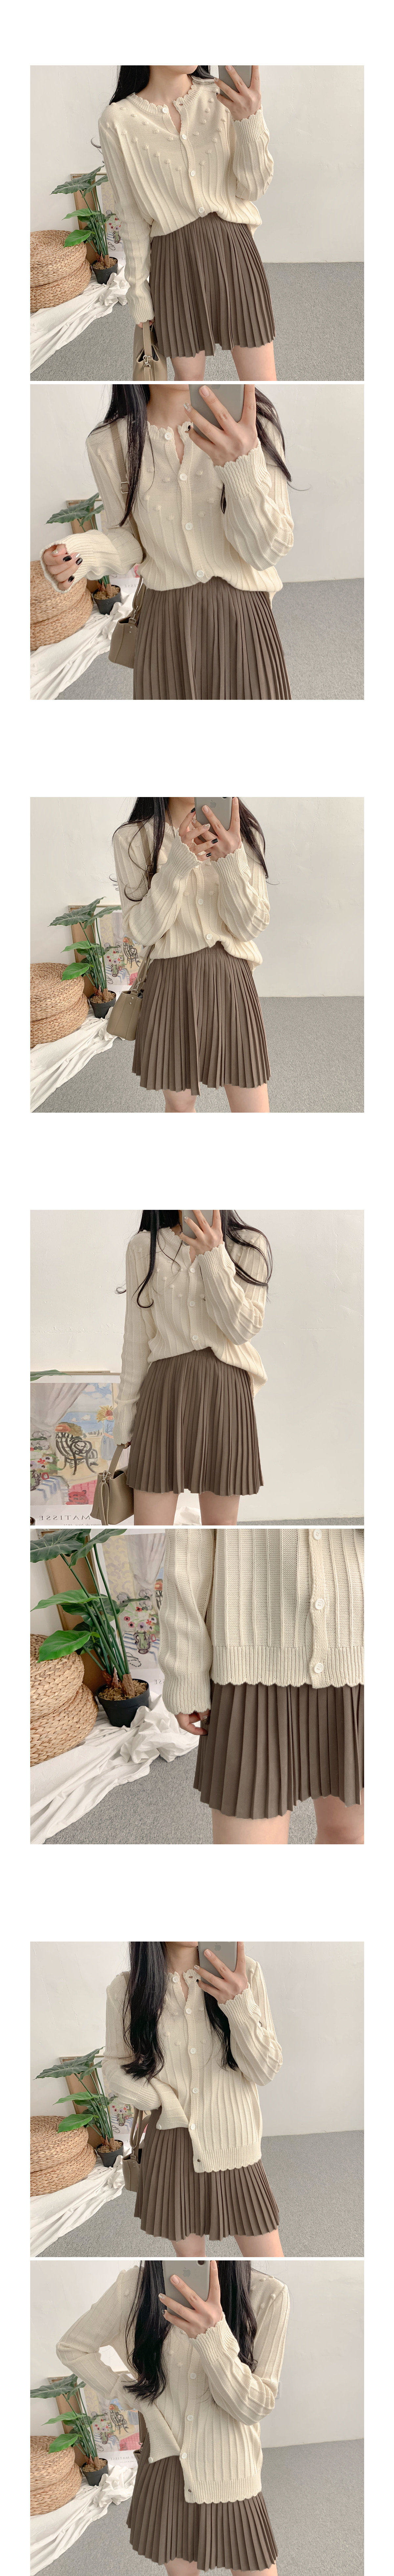 Suplit Skirt